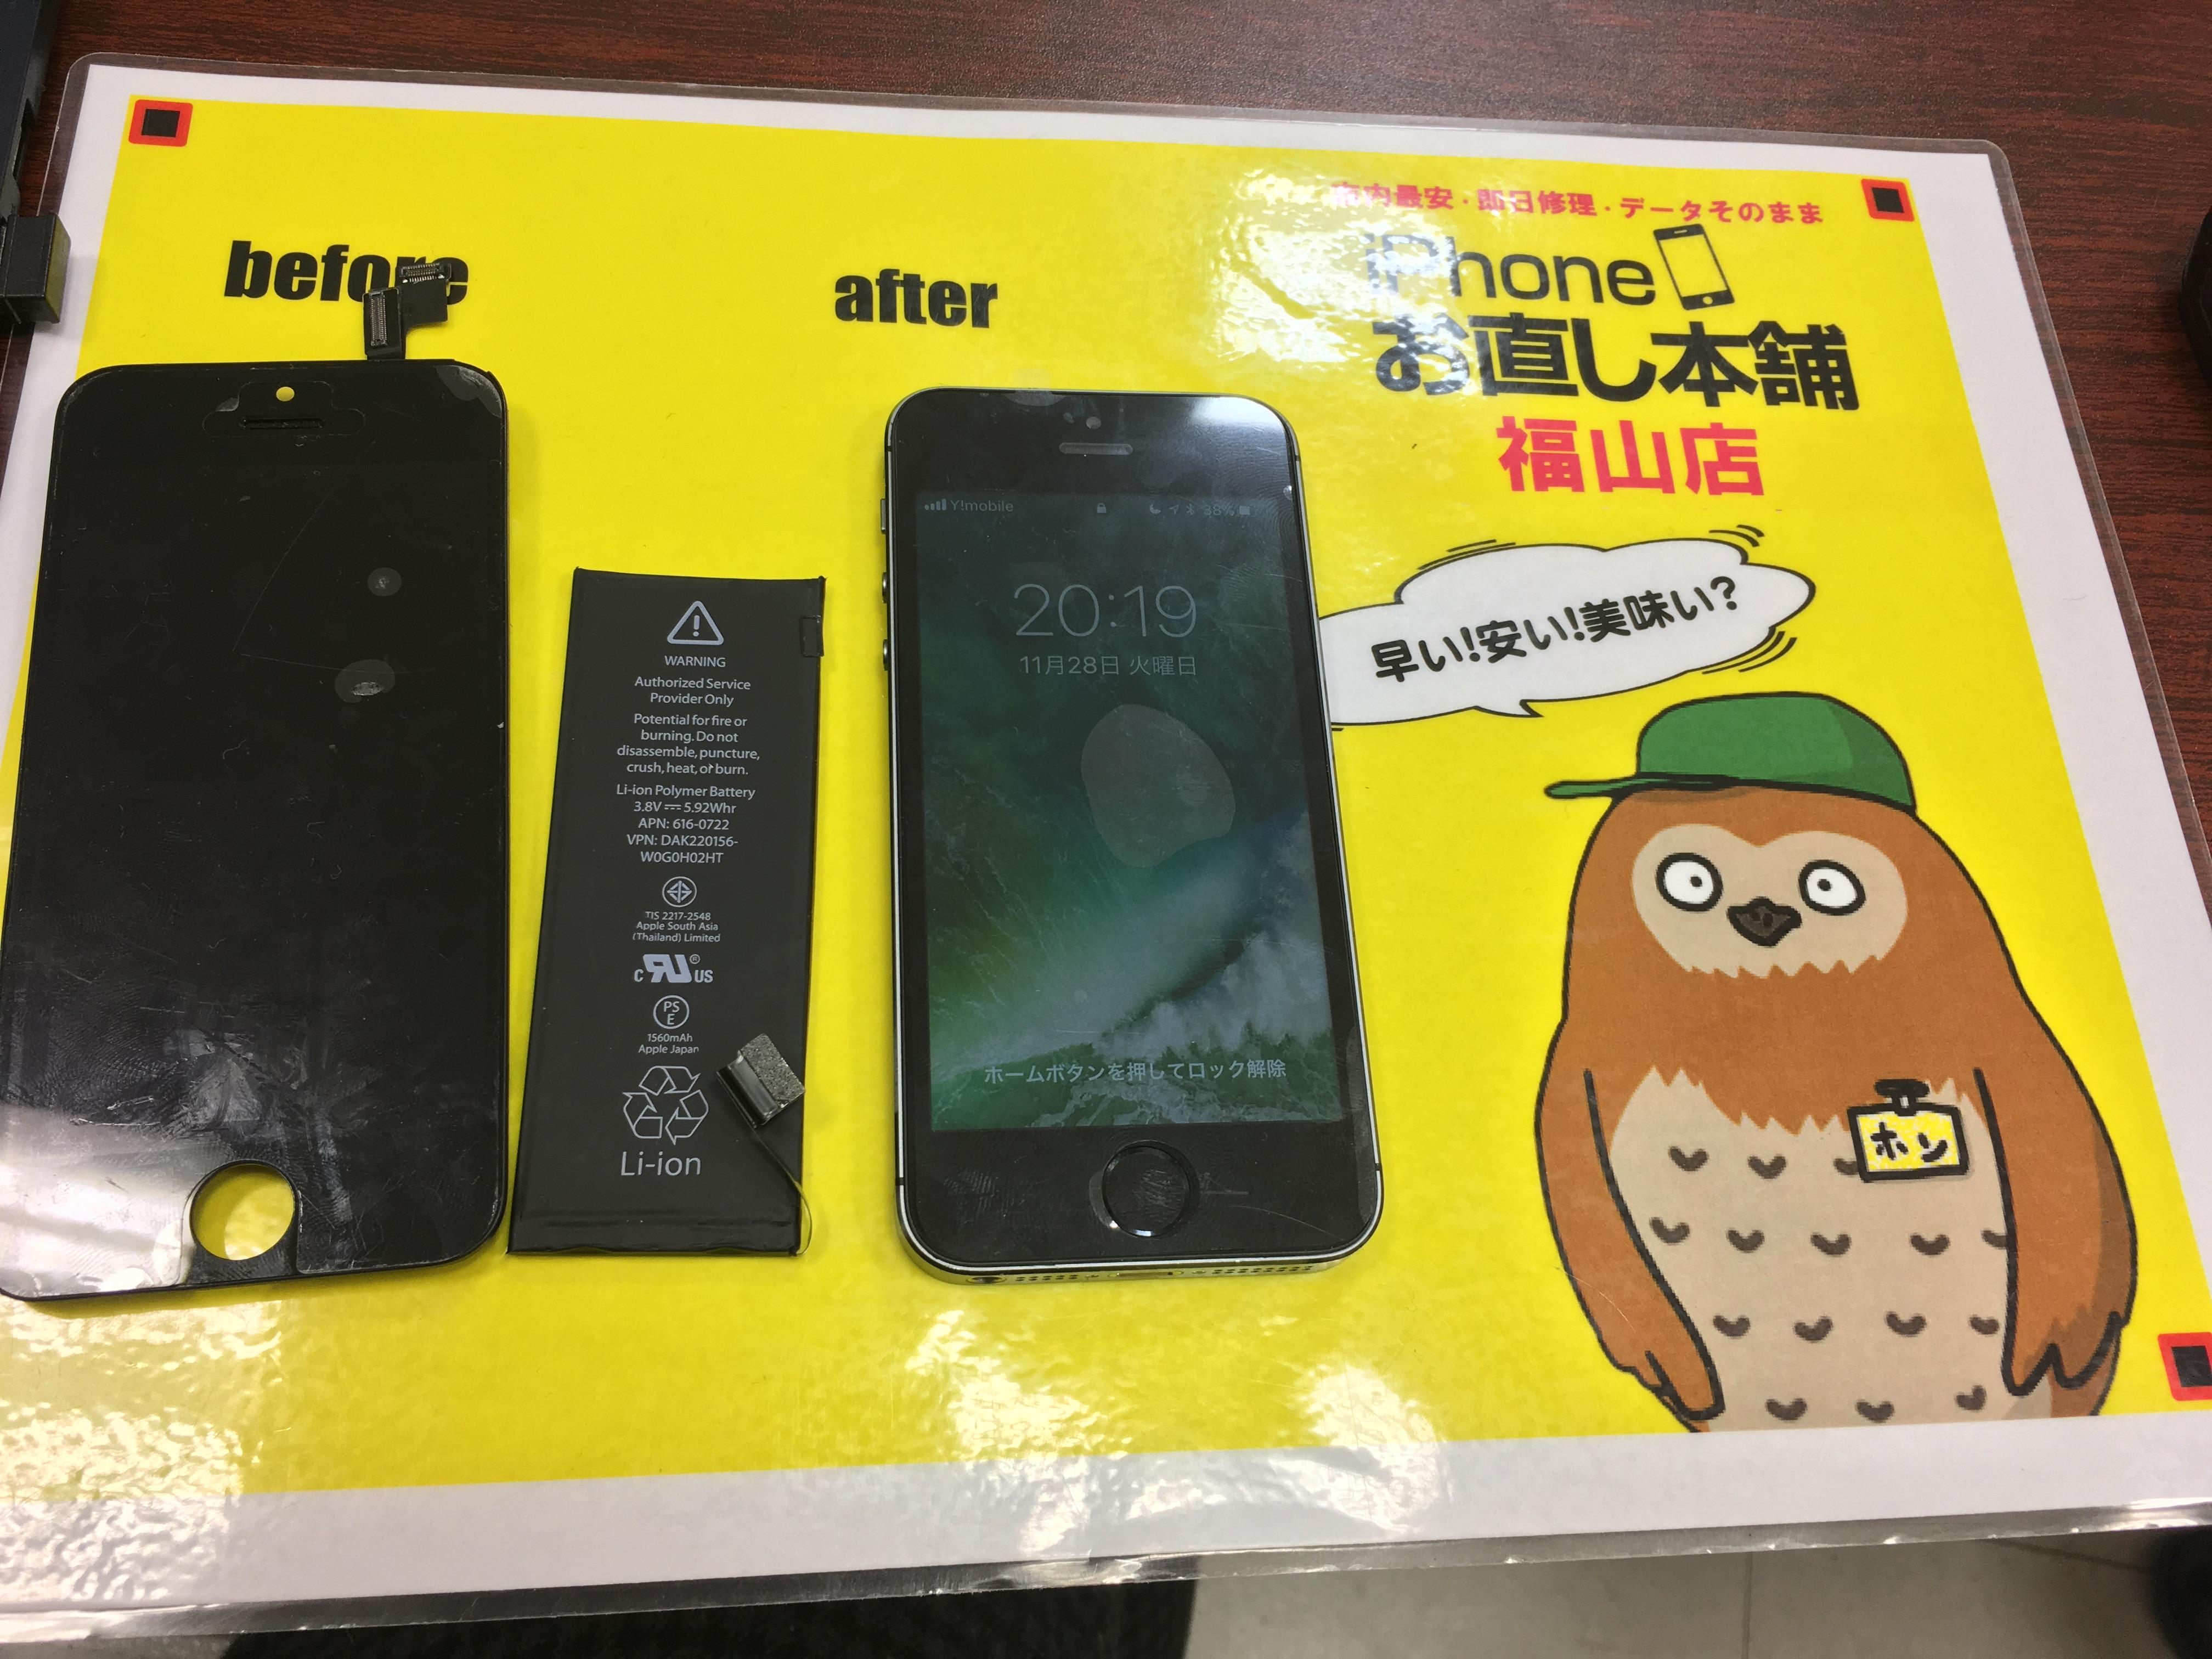 iPhone5s(水没成功)